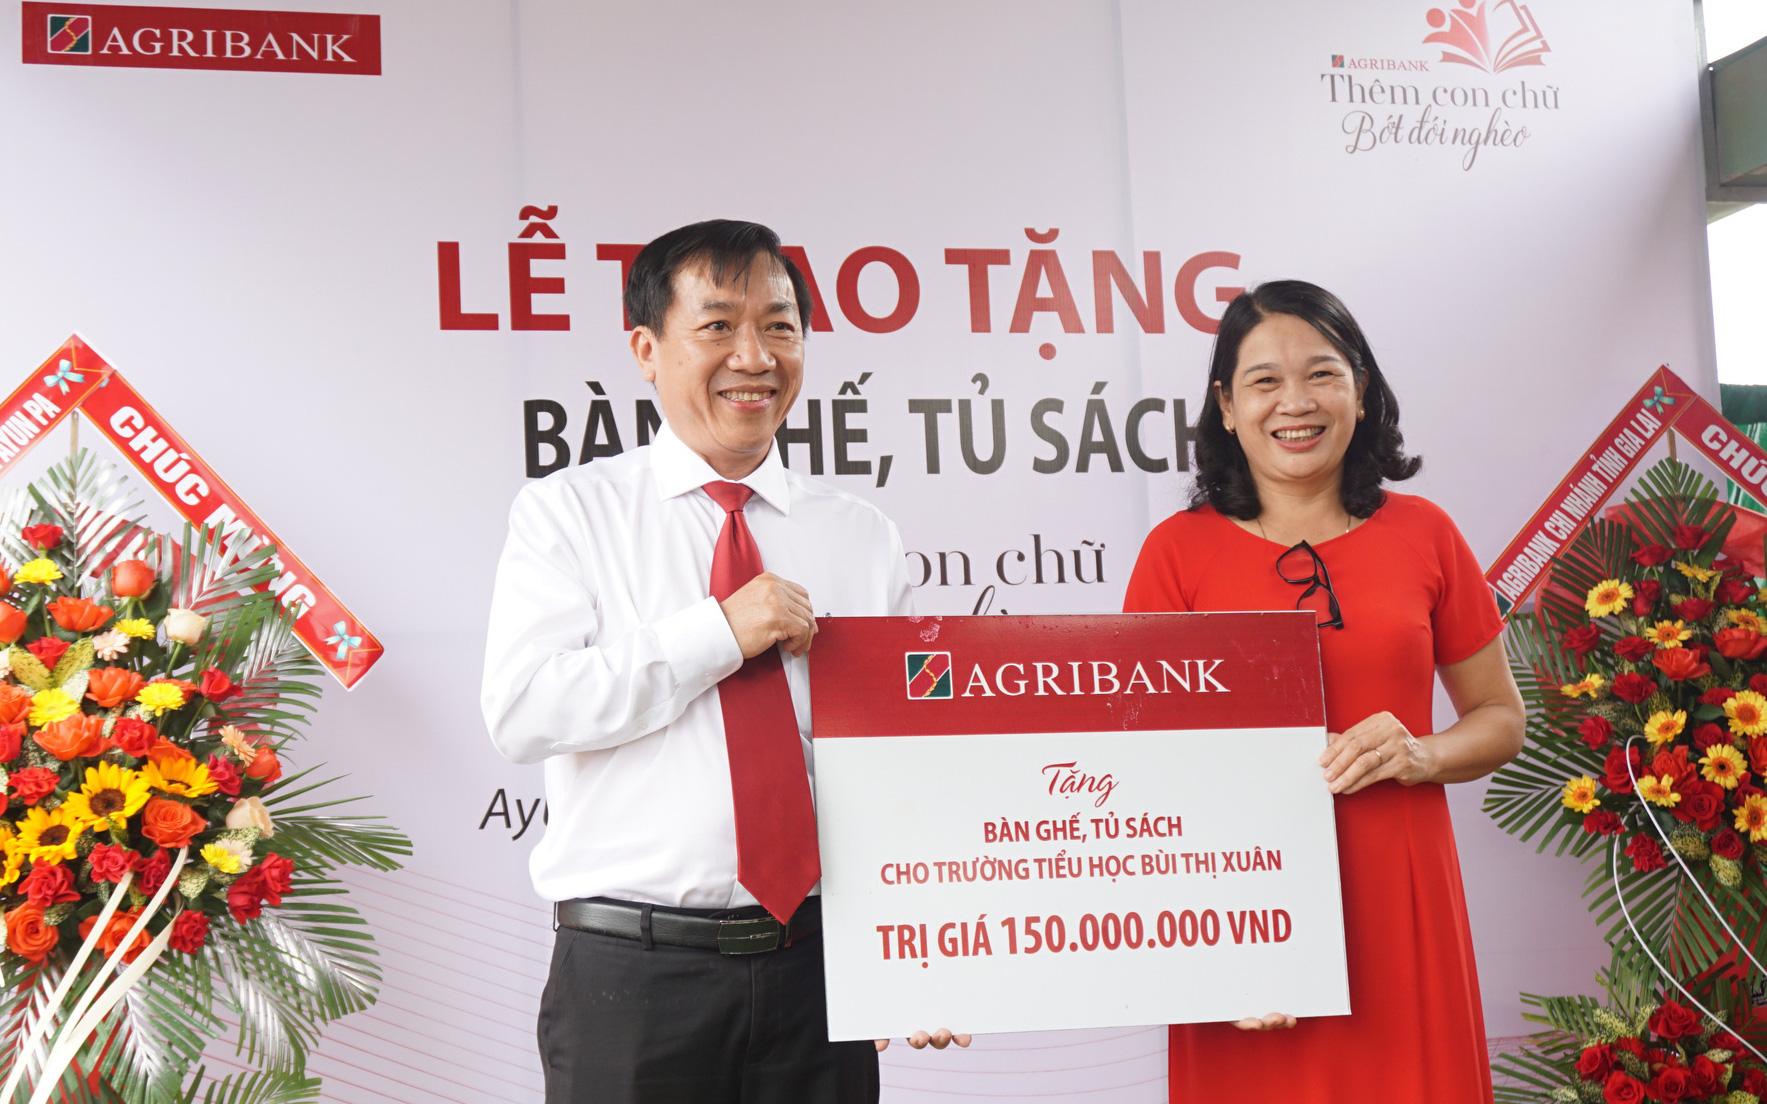 """Agribank Gia Lai trao tặng tủ, bàn ghế cho học sinh """"thêm con chữ, bớt đói nghèo"""""""